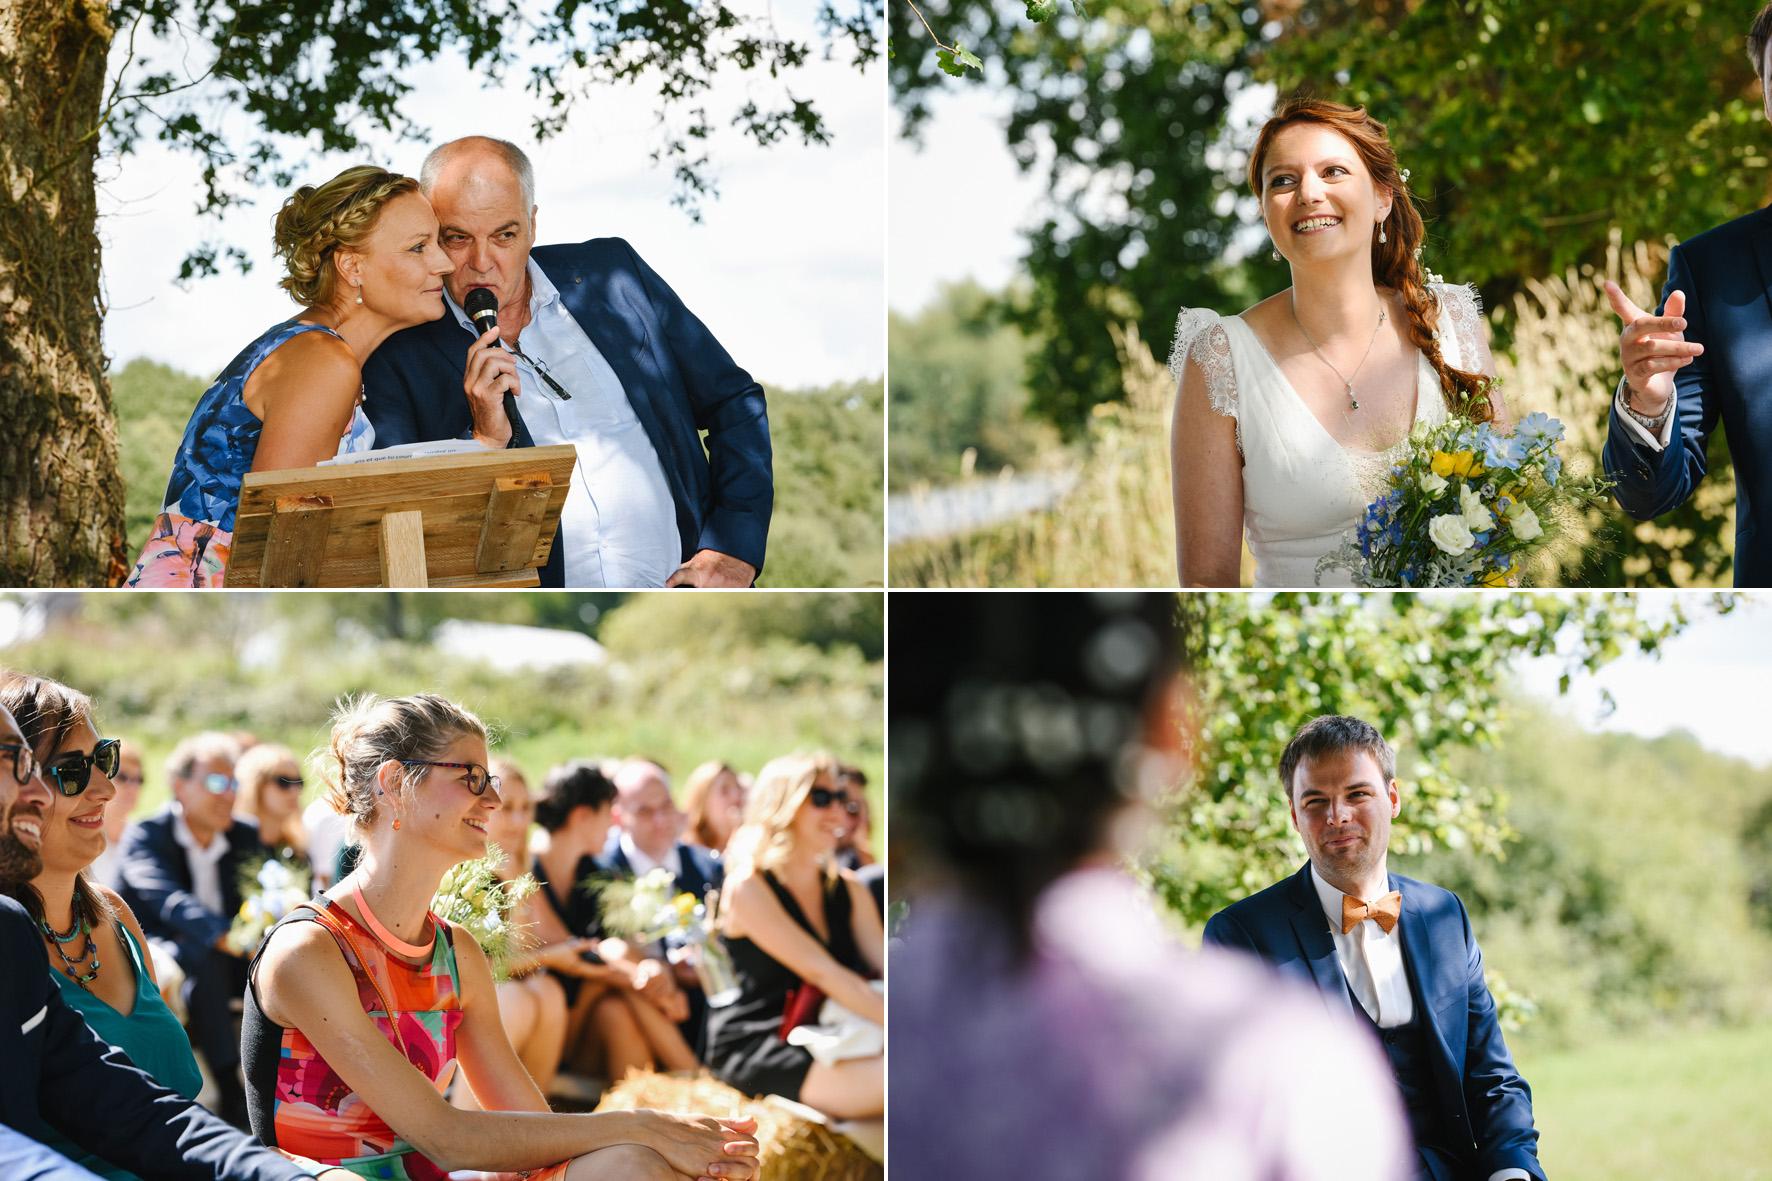 mariage_MT_les Faucheries_72_Sarthe_photographie_clemence_dubois_MEP 8